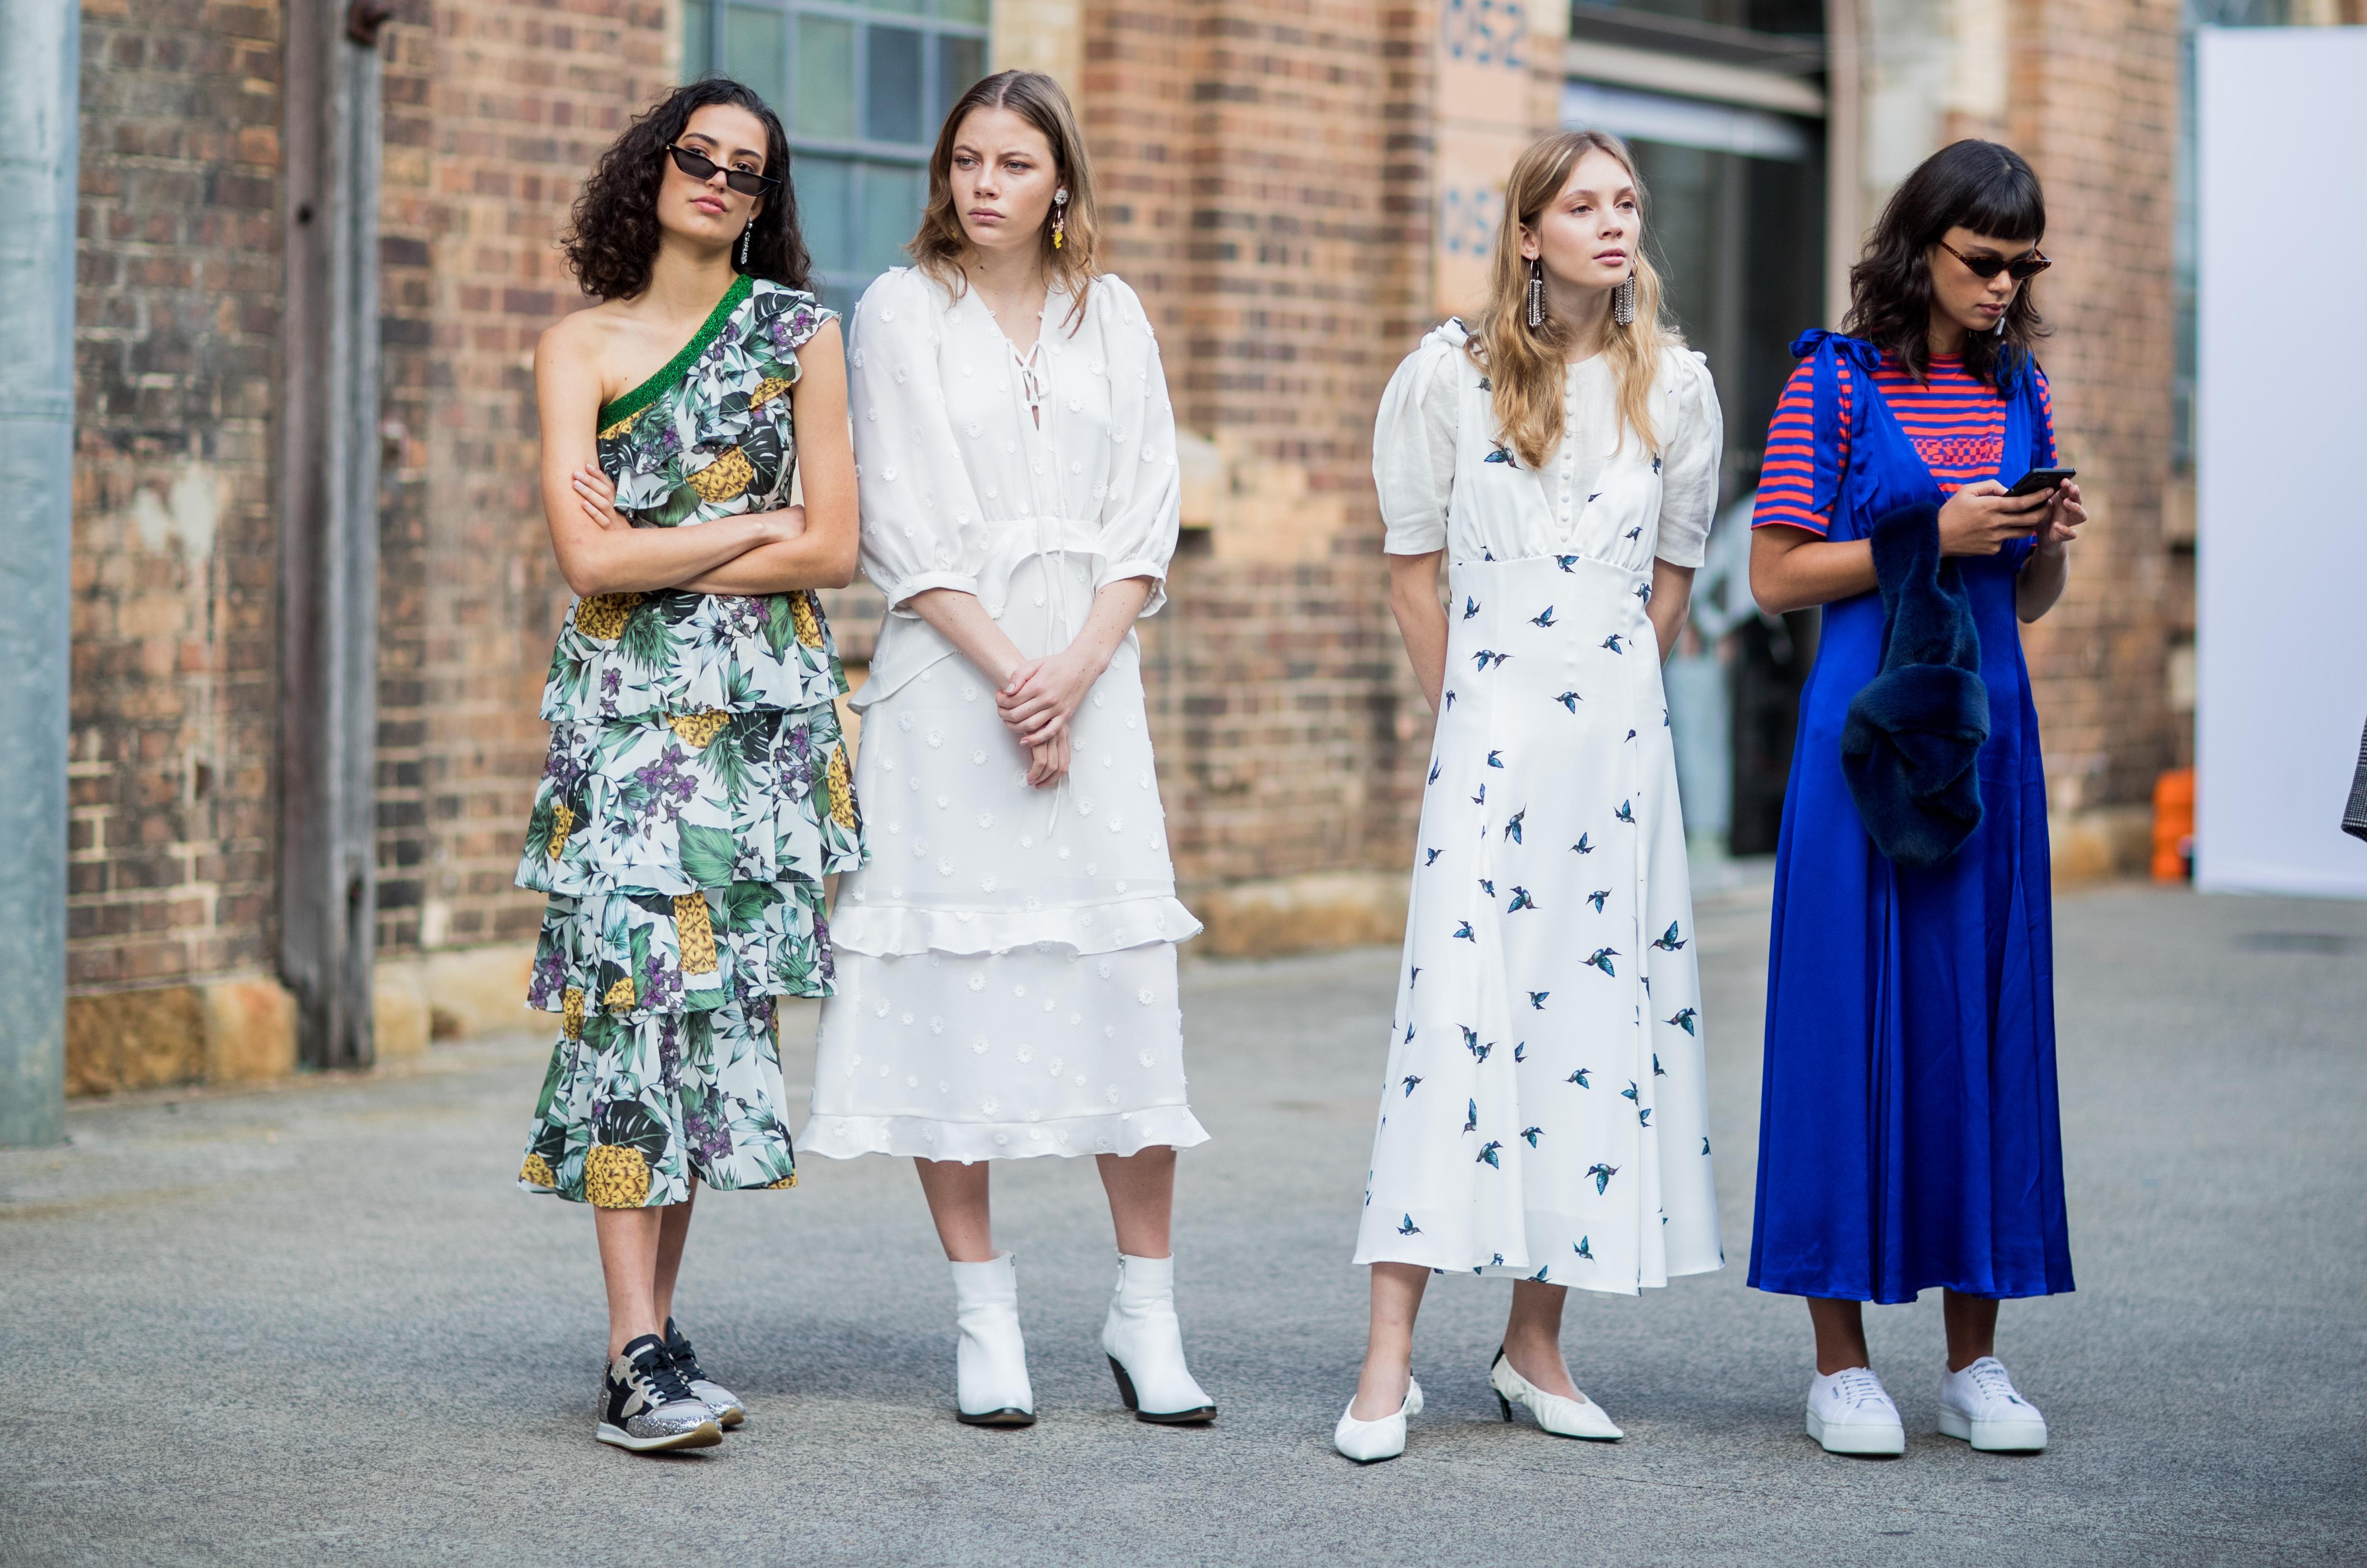 26a1cbe4-91ef-4f65-942c-fe23bd01801f-australia-fashion-week-22-jpg